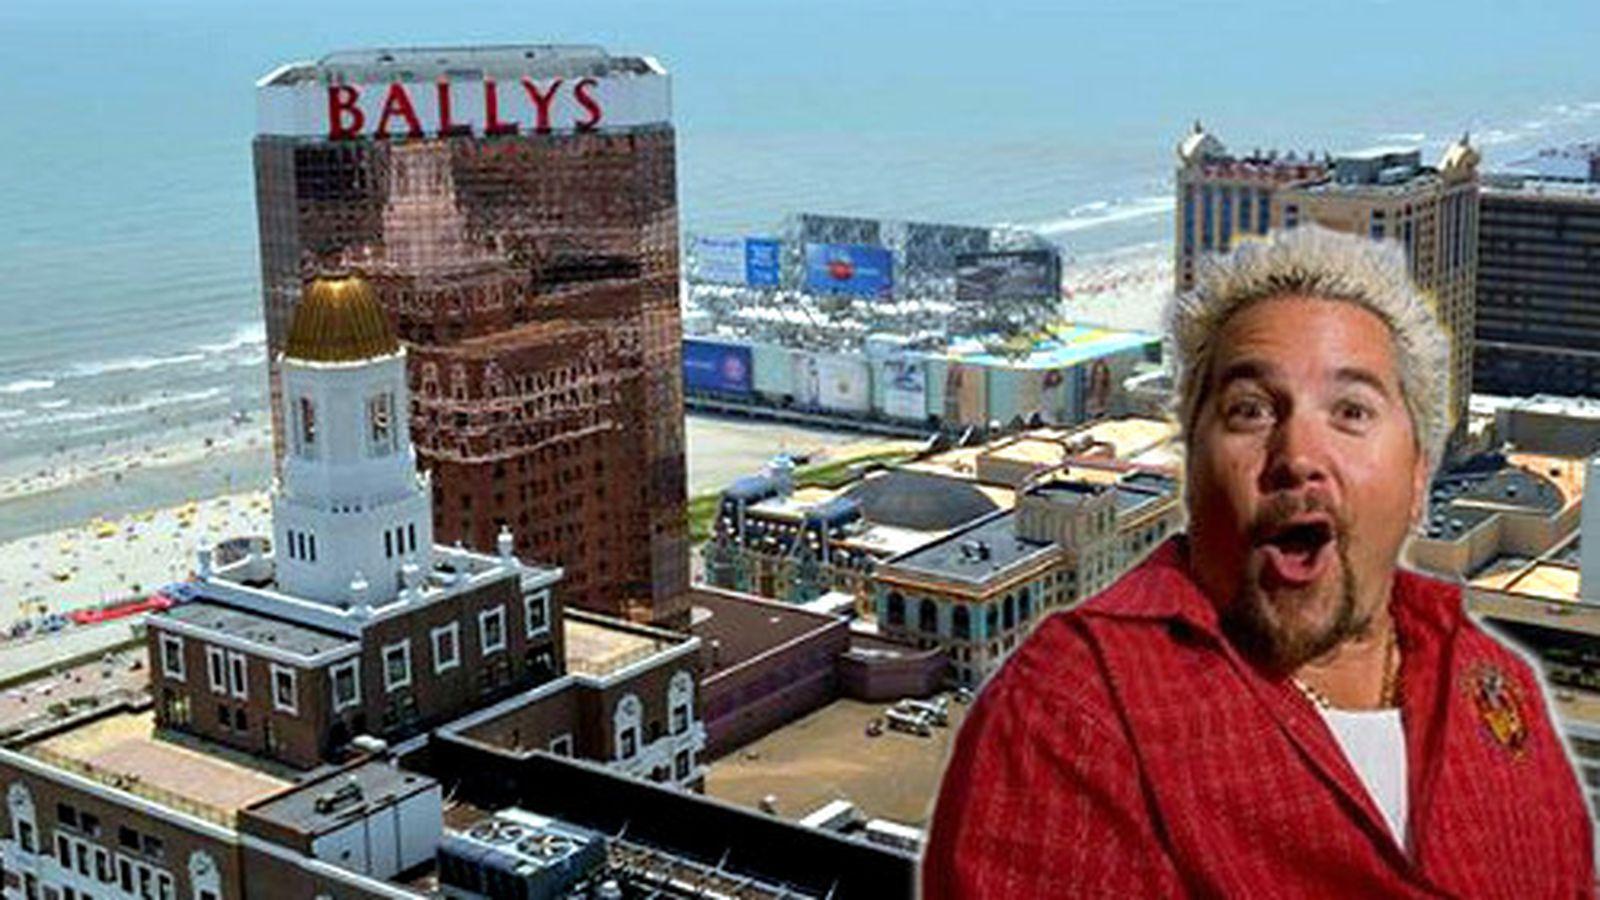 atlantic city single guys All the single ladies  inner-city black men struggled badly in the 1970s,  the atlantic.